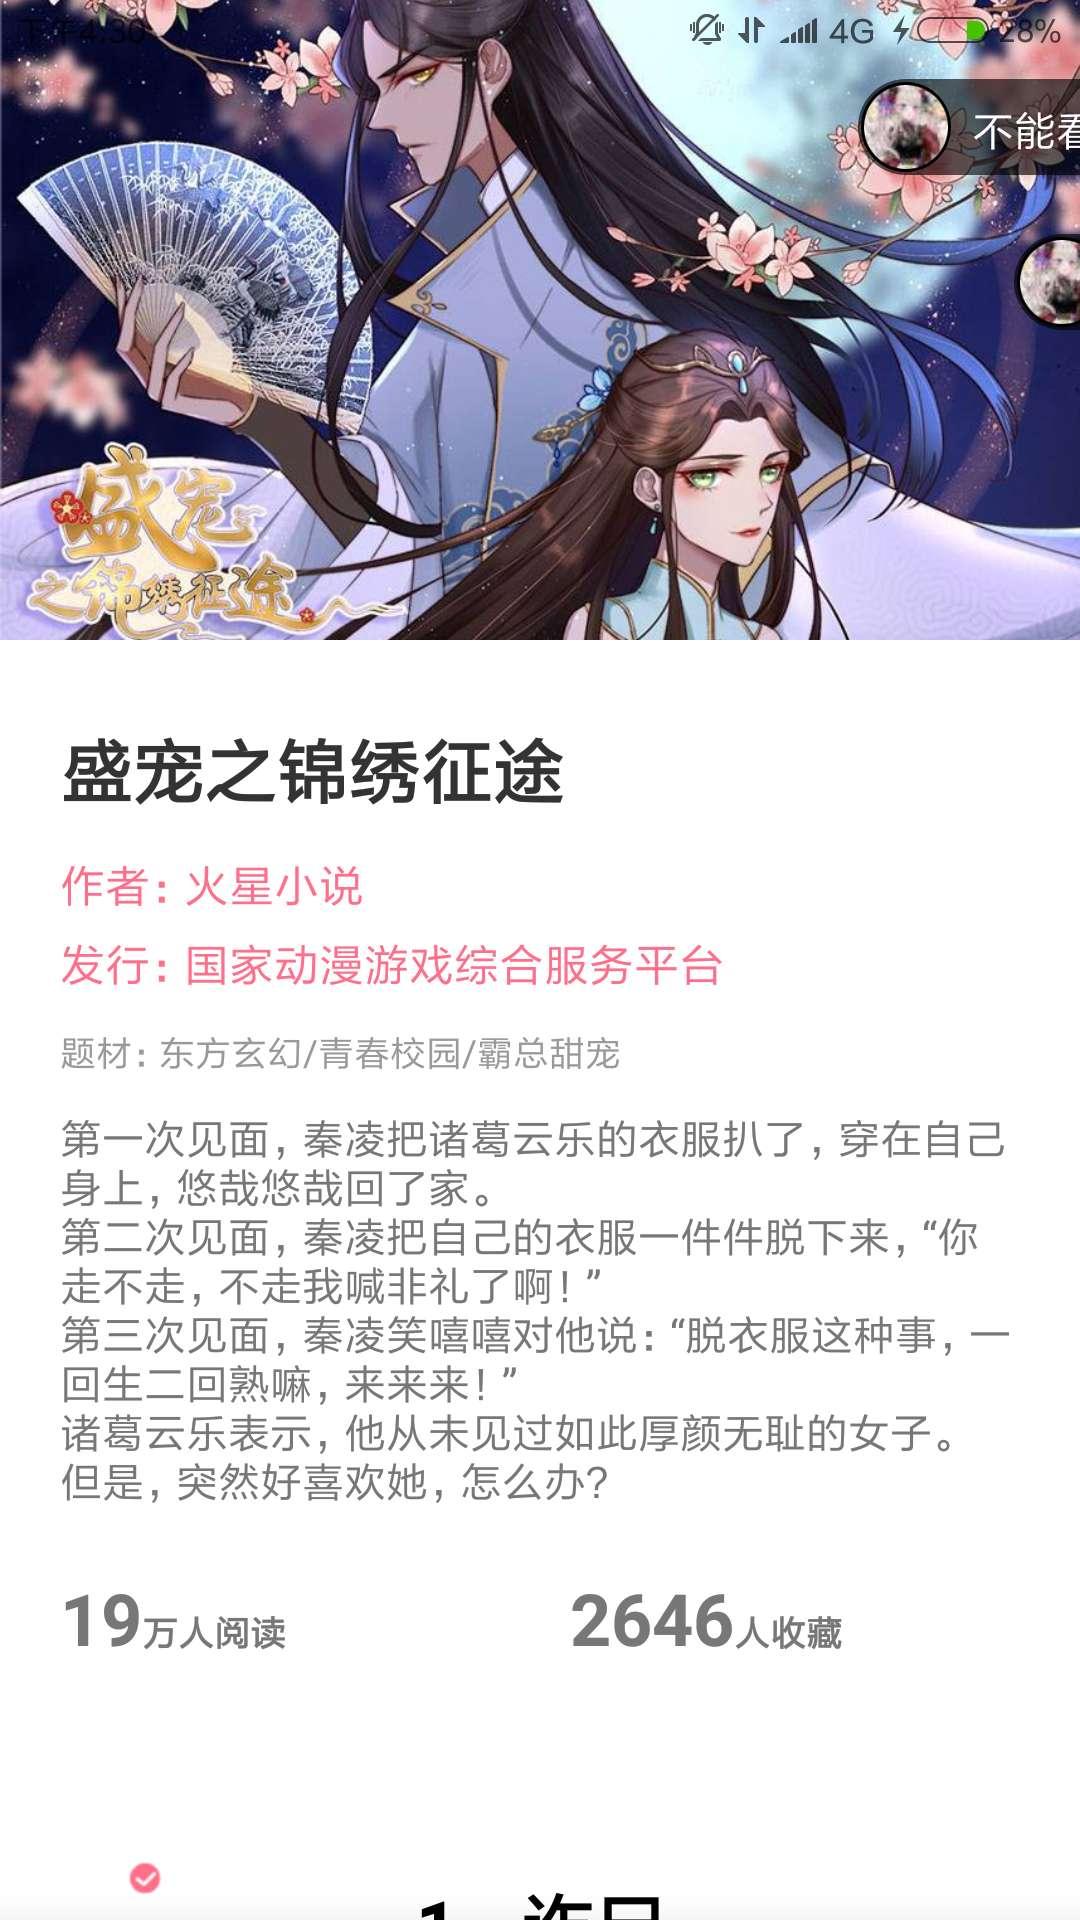 【分享】好多动漫破解版,解锁VIP权限,免费下载所有动漫图片!!-爱小助